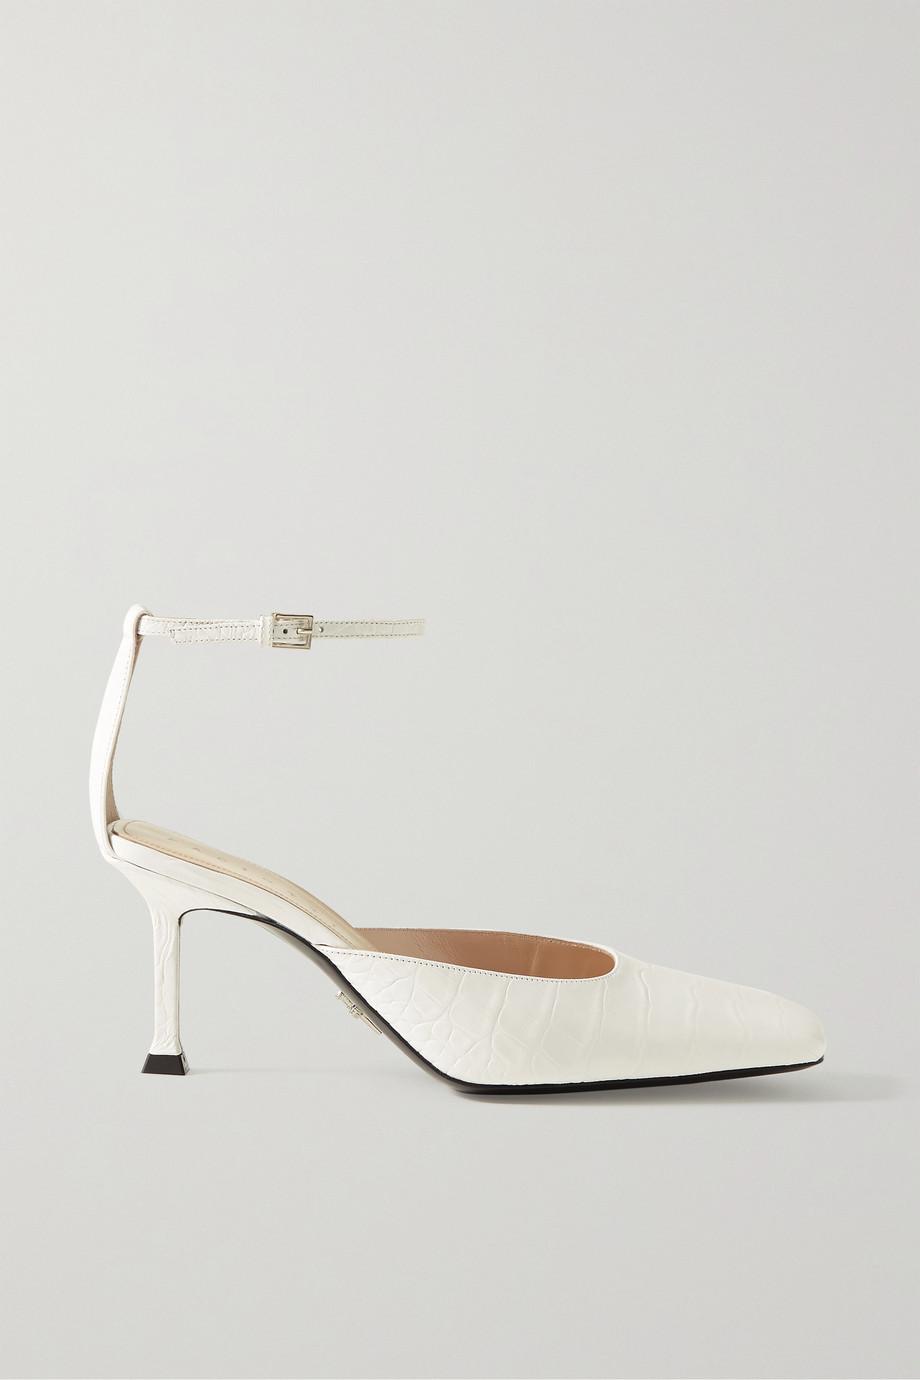 Paciotti Croc-effect leather pumps